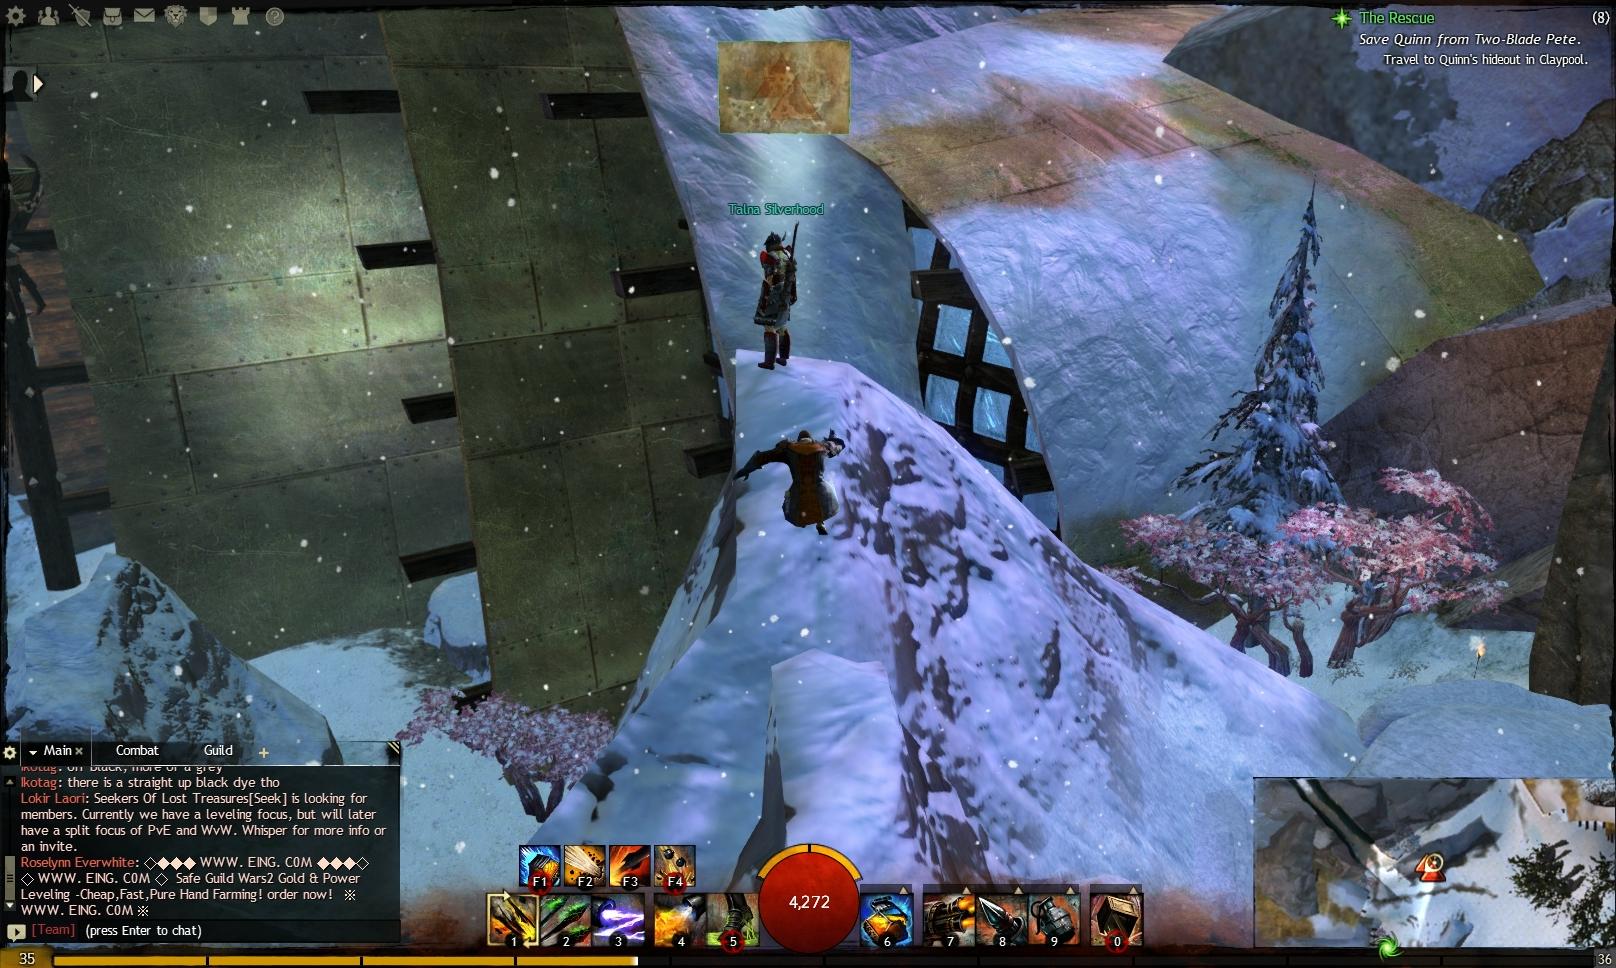 Guild Wars 2 - Vistas in Hoelbrak - 04 Snow Leopard Lodge